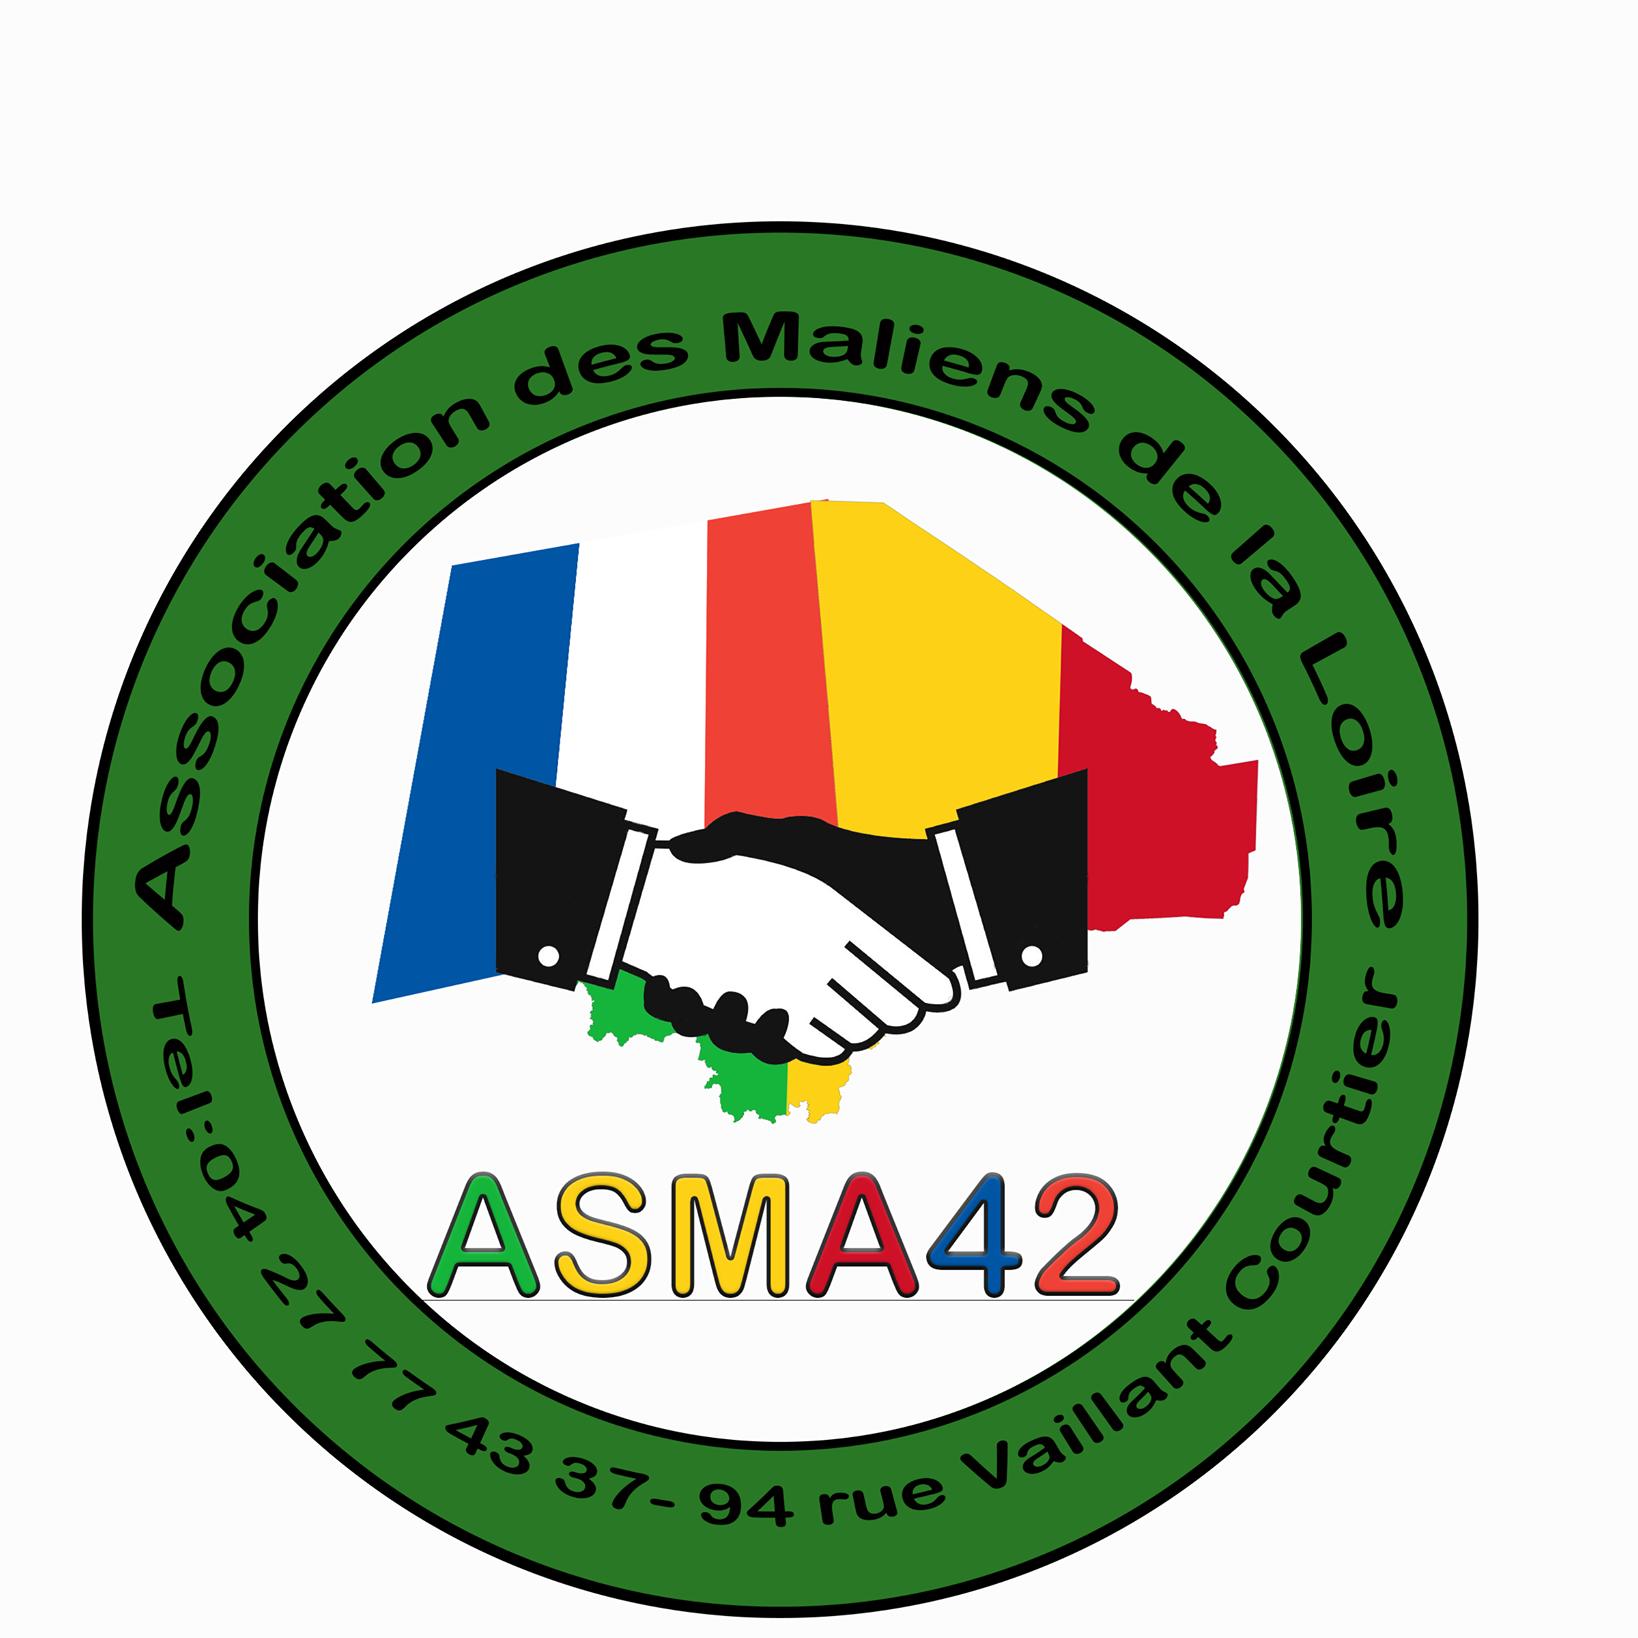 Association des maliens de la Loire – ASMA